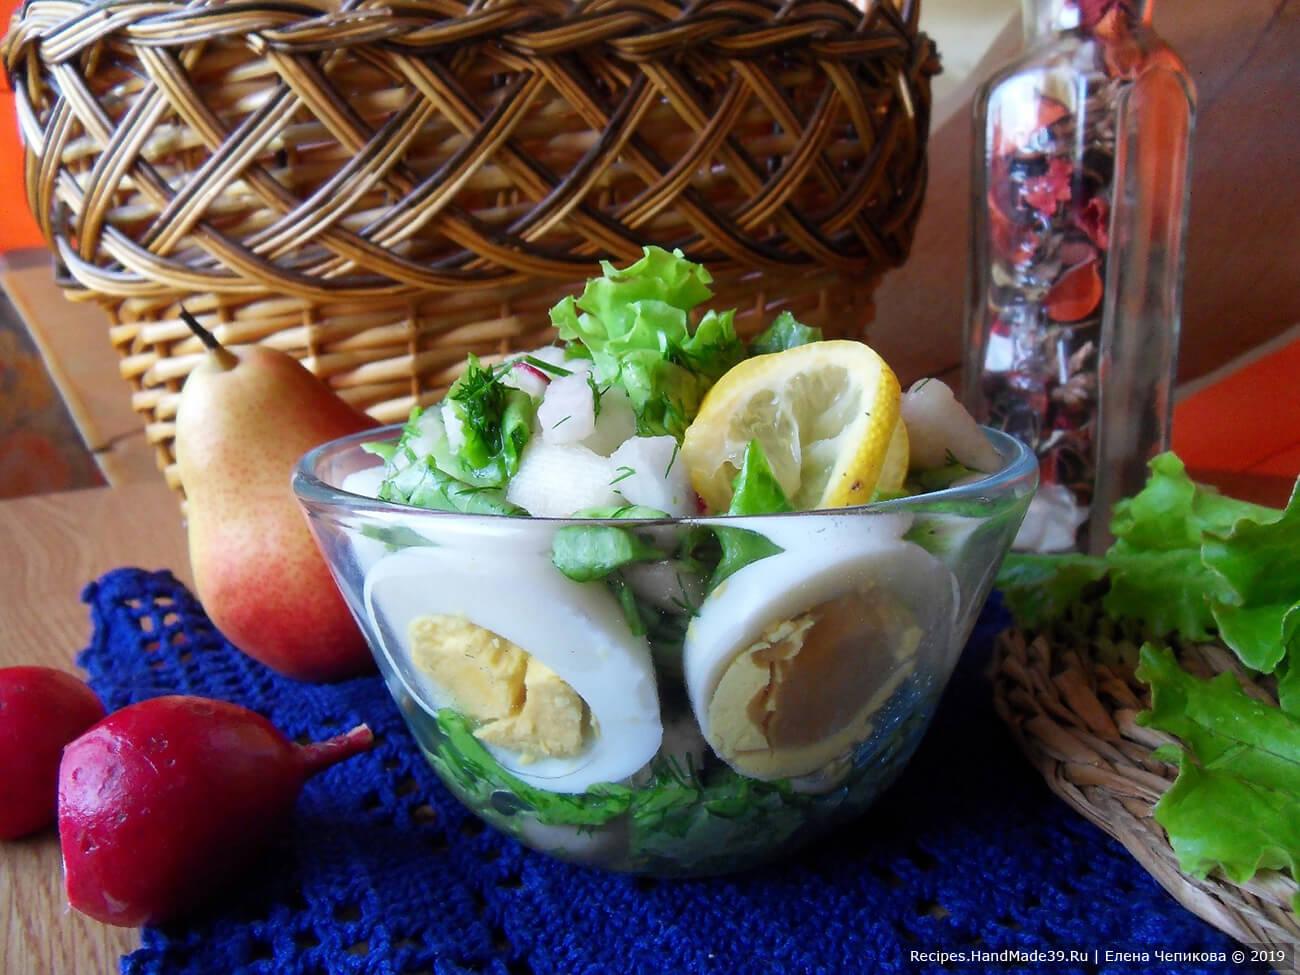 Салат с грушей и яйцом – пошаговый кулинарный рецепт с фото